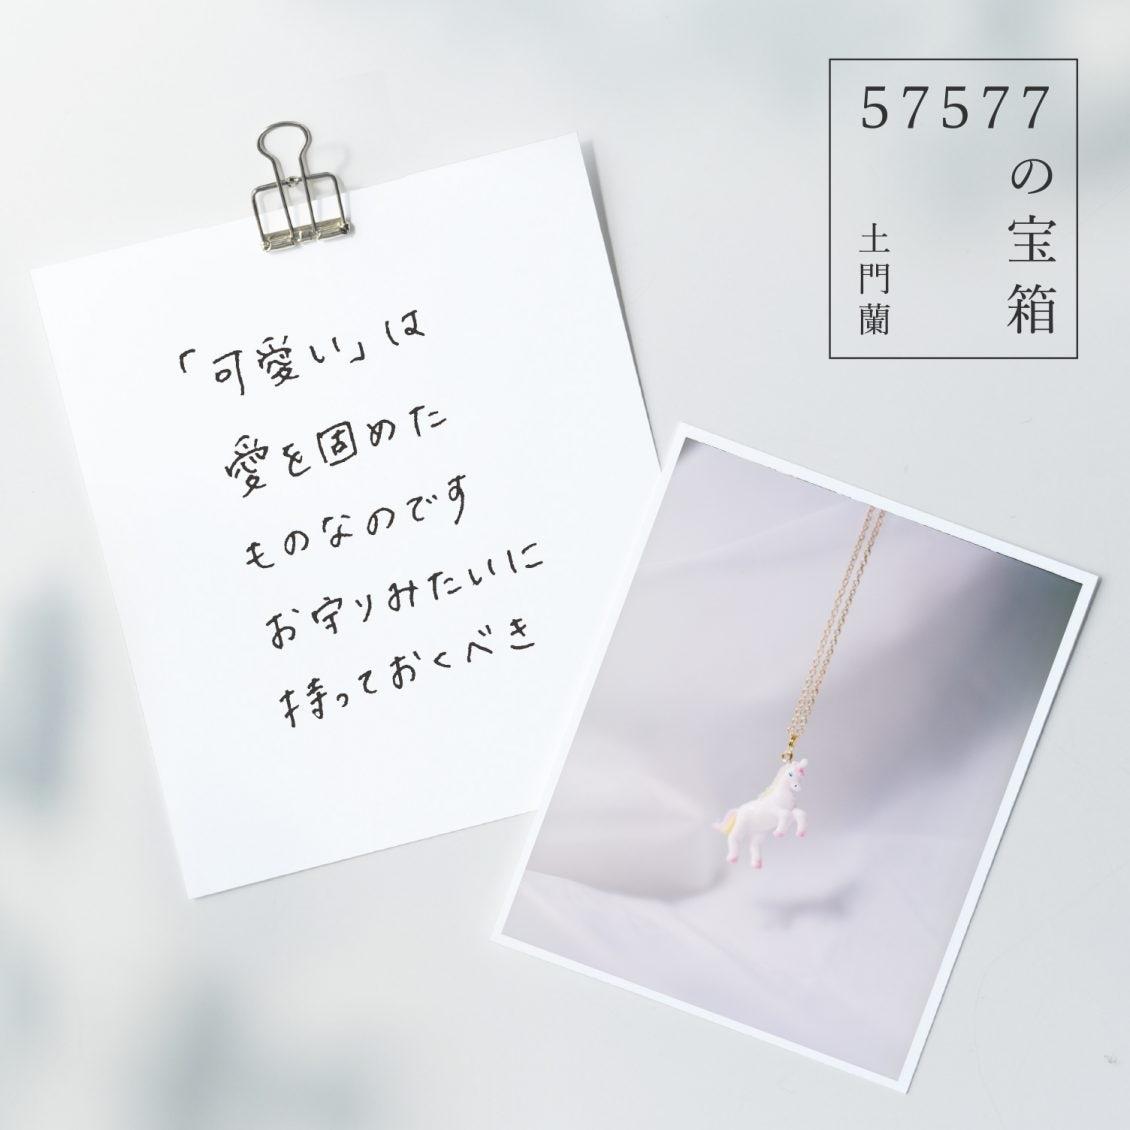 【57577の宝箱】「可愛い」は愛を固めたものなのです お守りみたいに持っておくべき